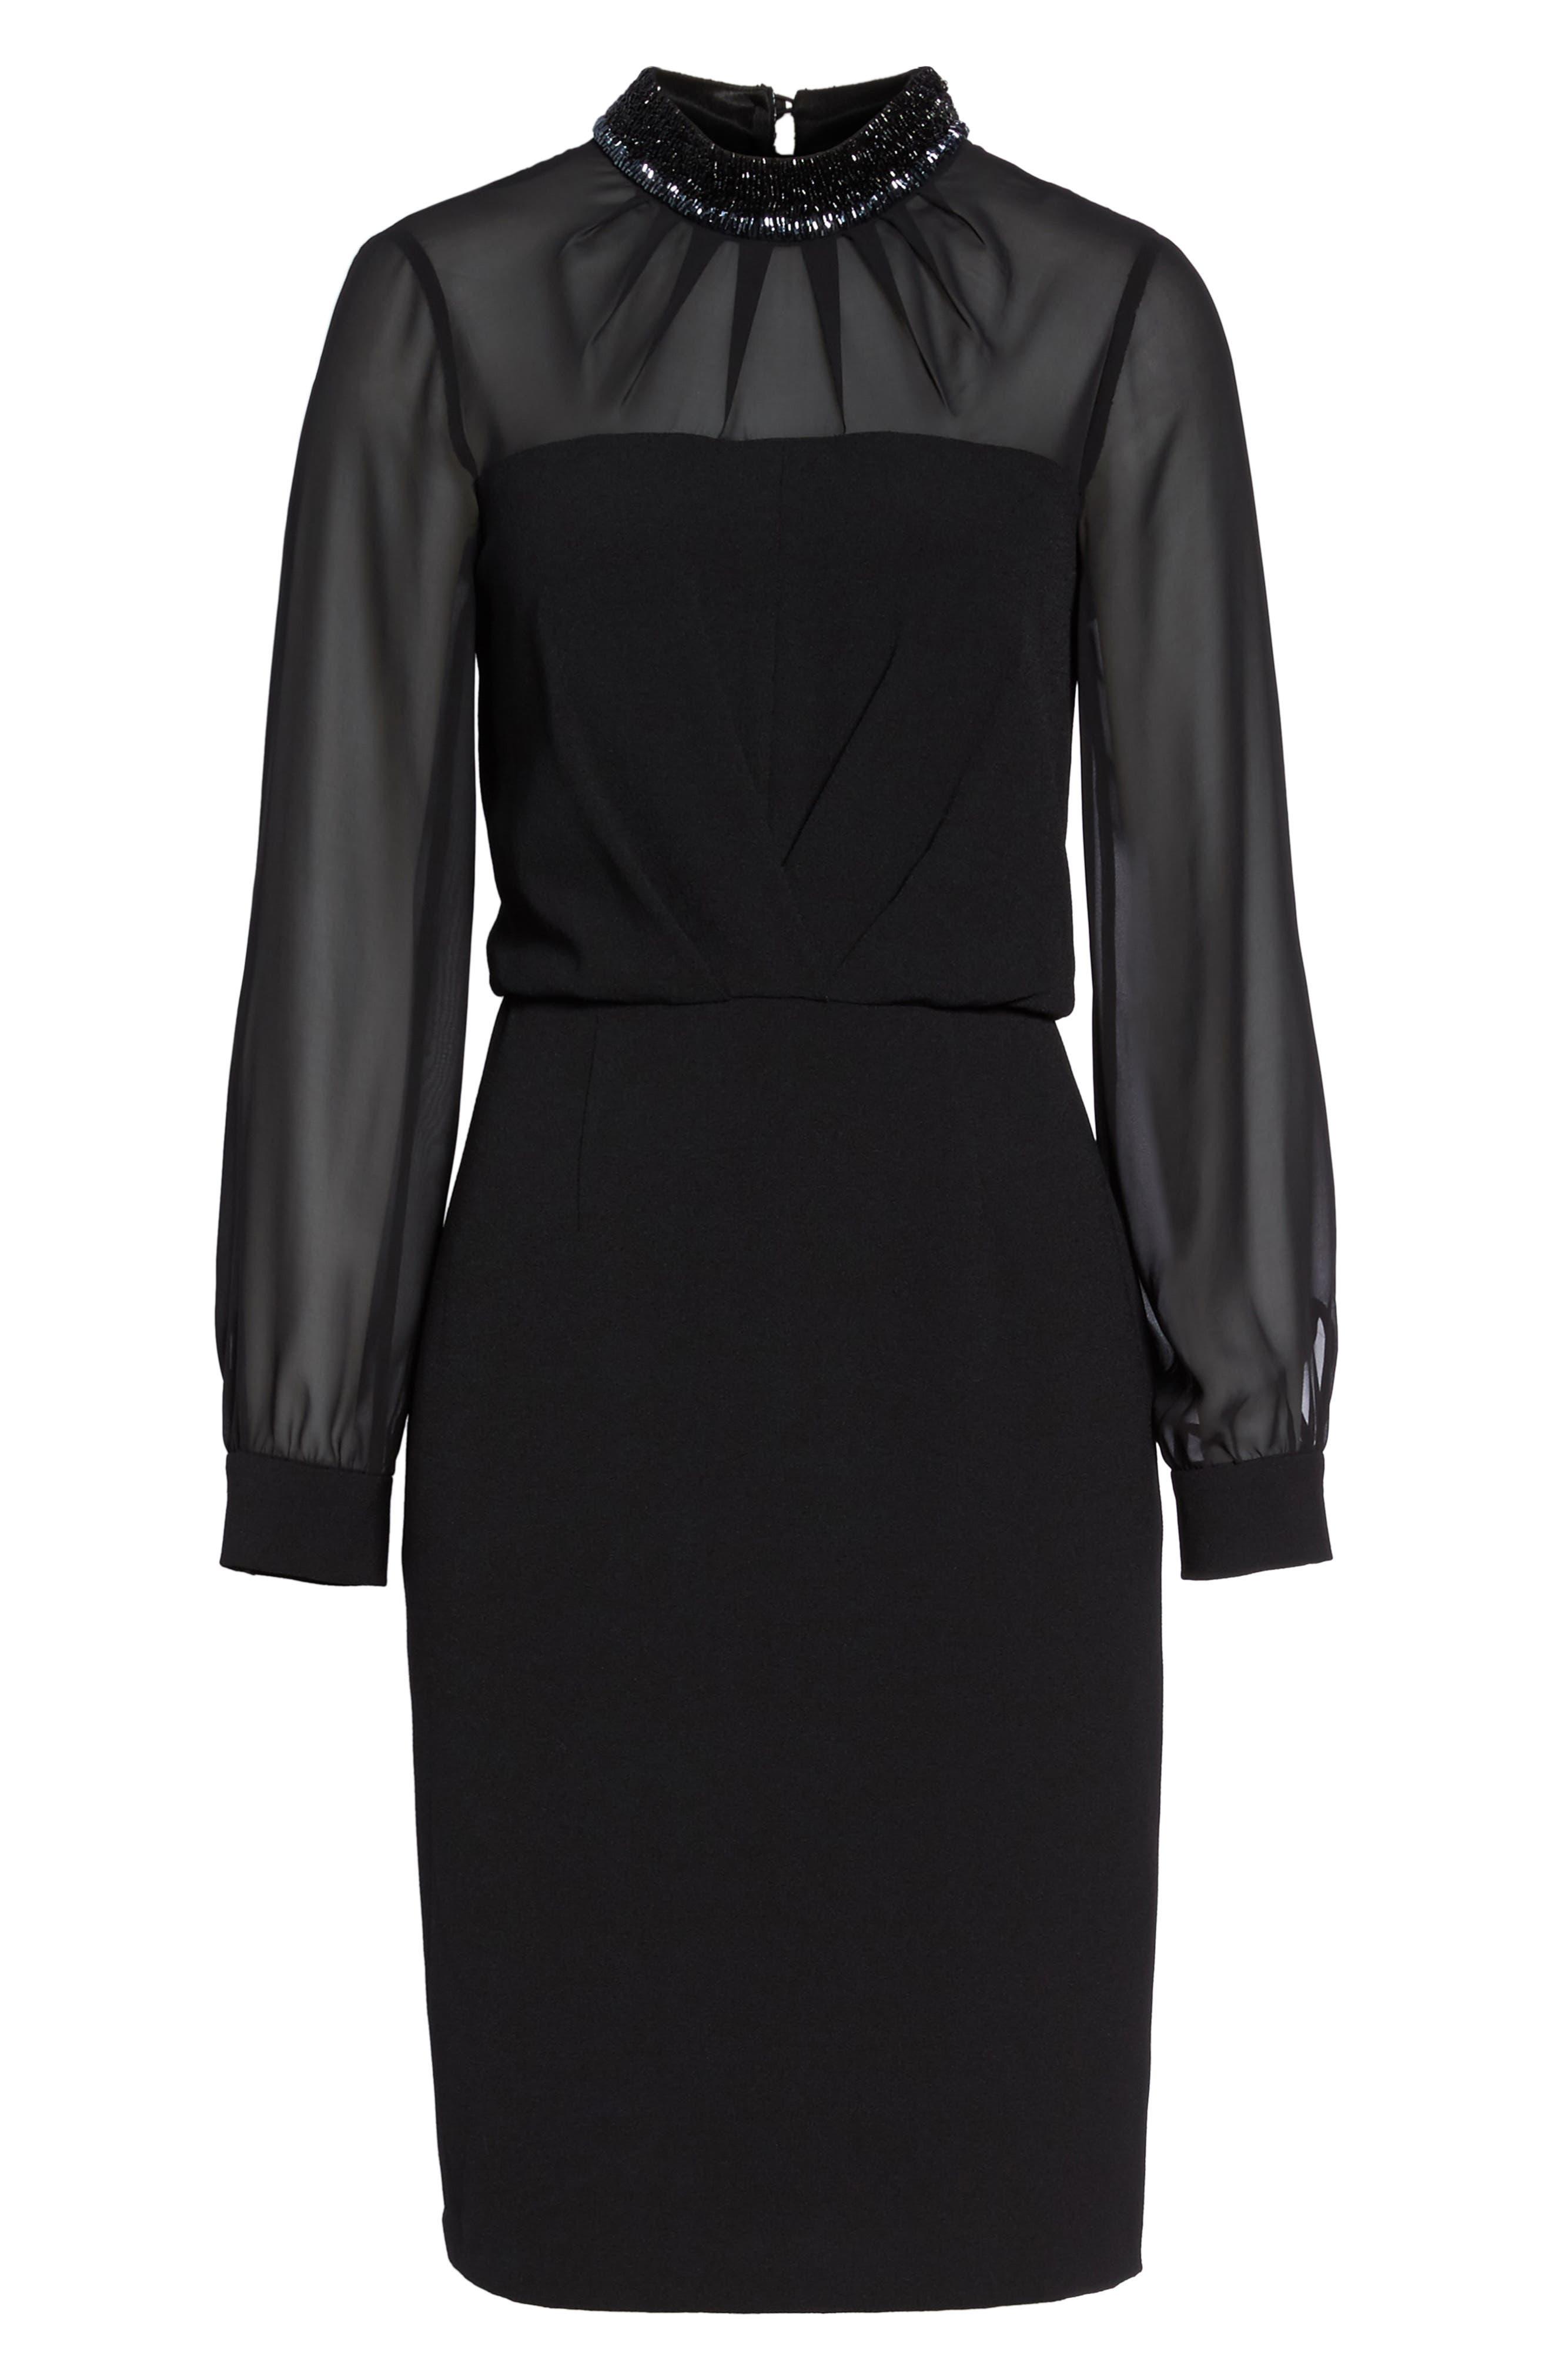 Jewel Neck Sheath Dress,                             Alternate thumbnail 6, color,                             002